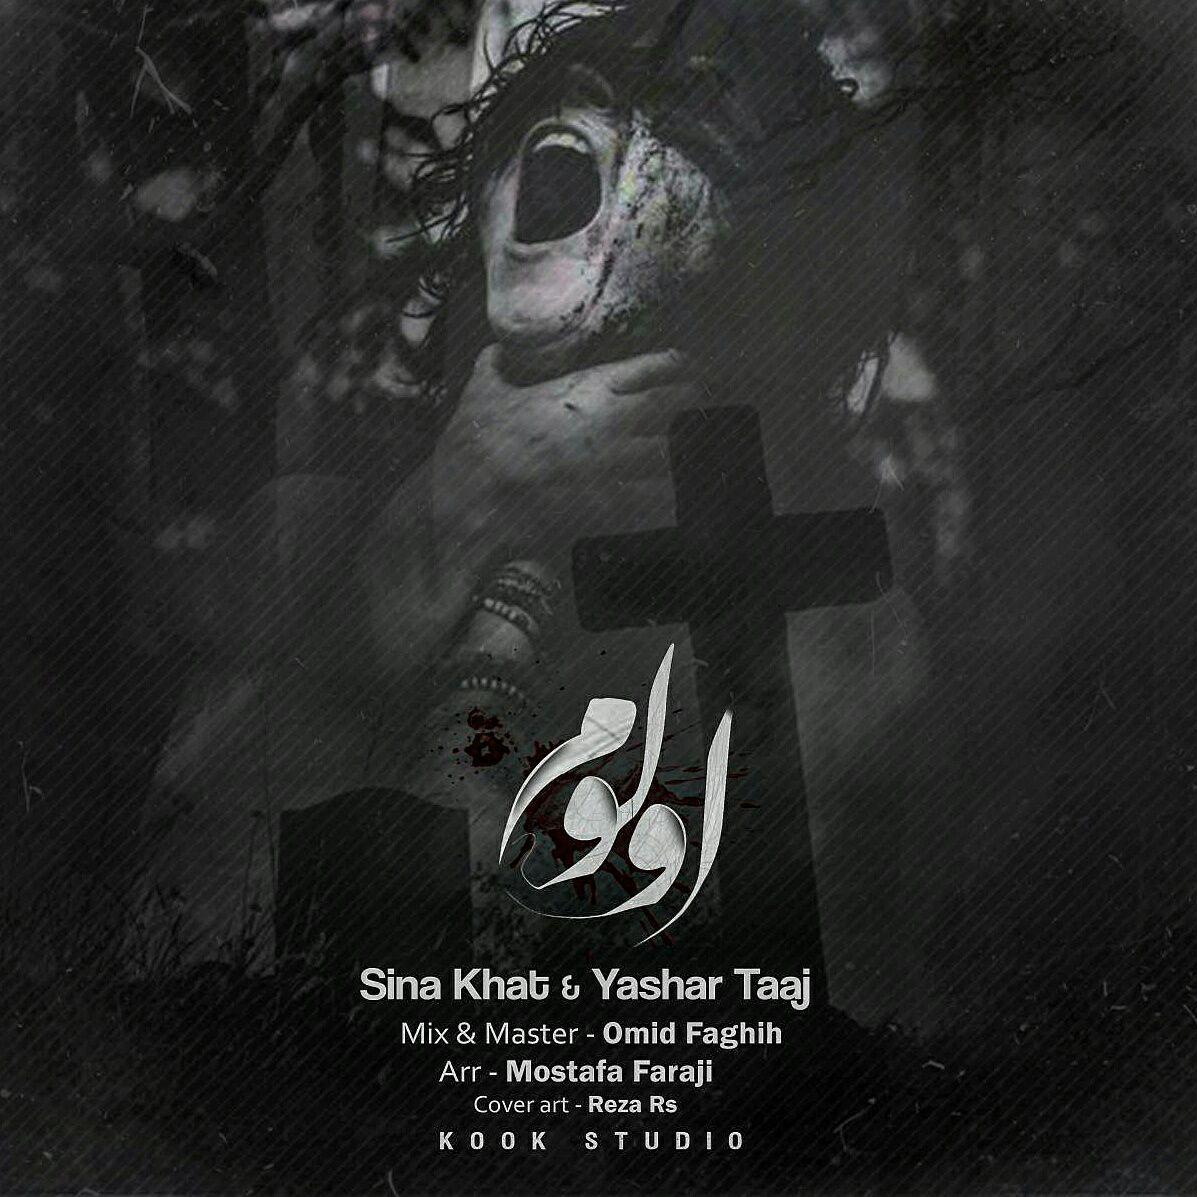 http://s8.picofile.com/file/8305974276/Sina_Khat_Yashar_Taaj_Olum.jpg